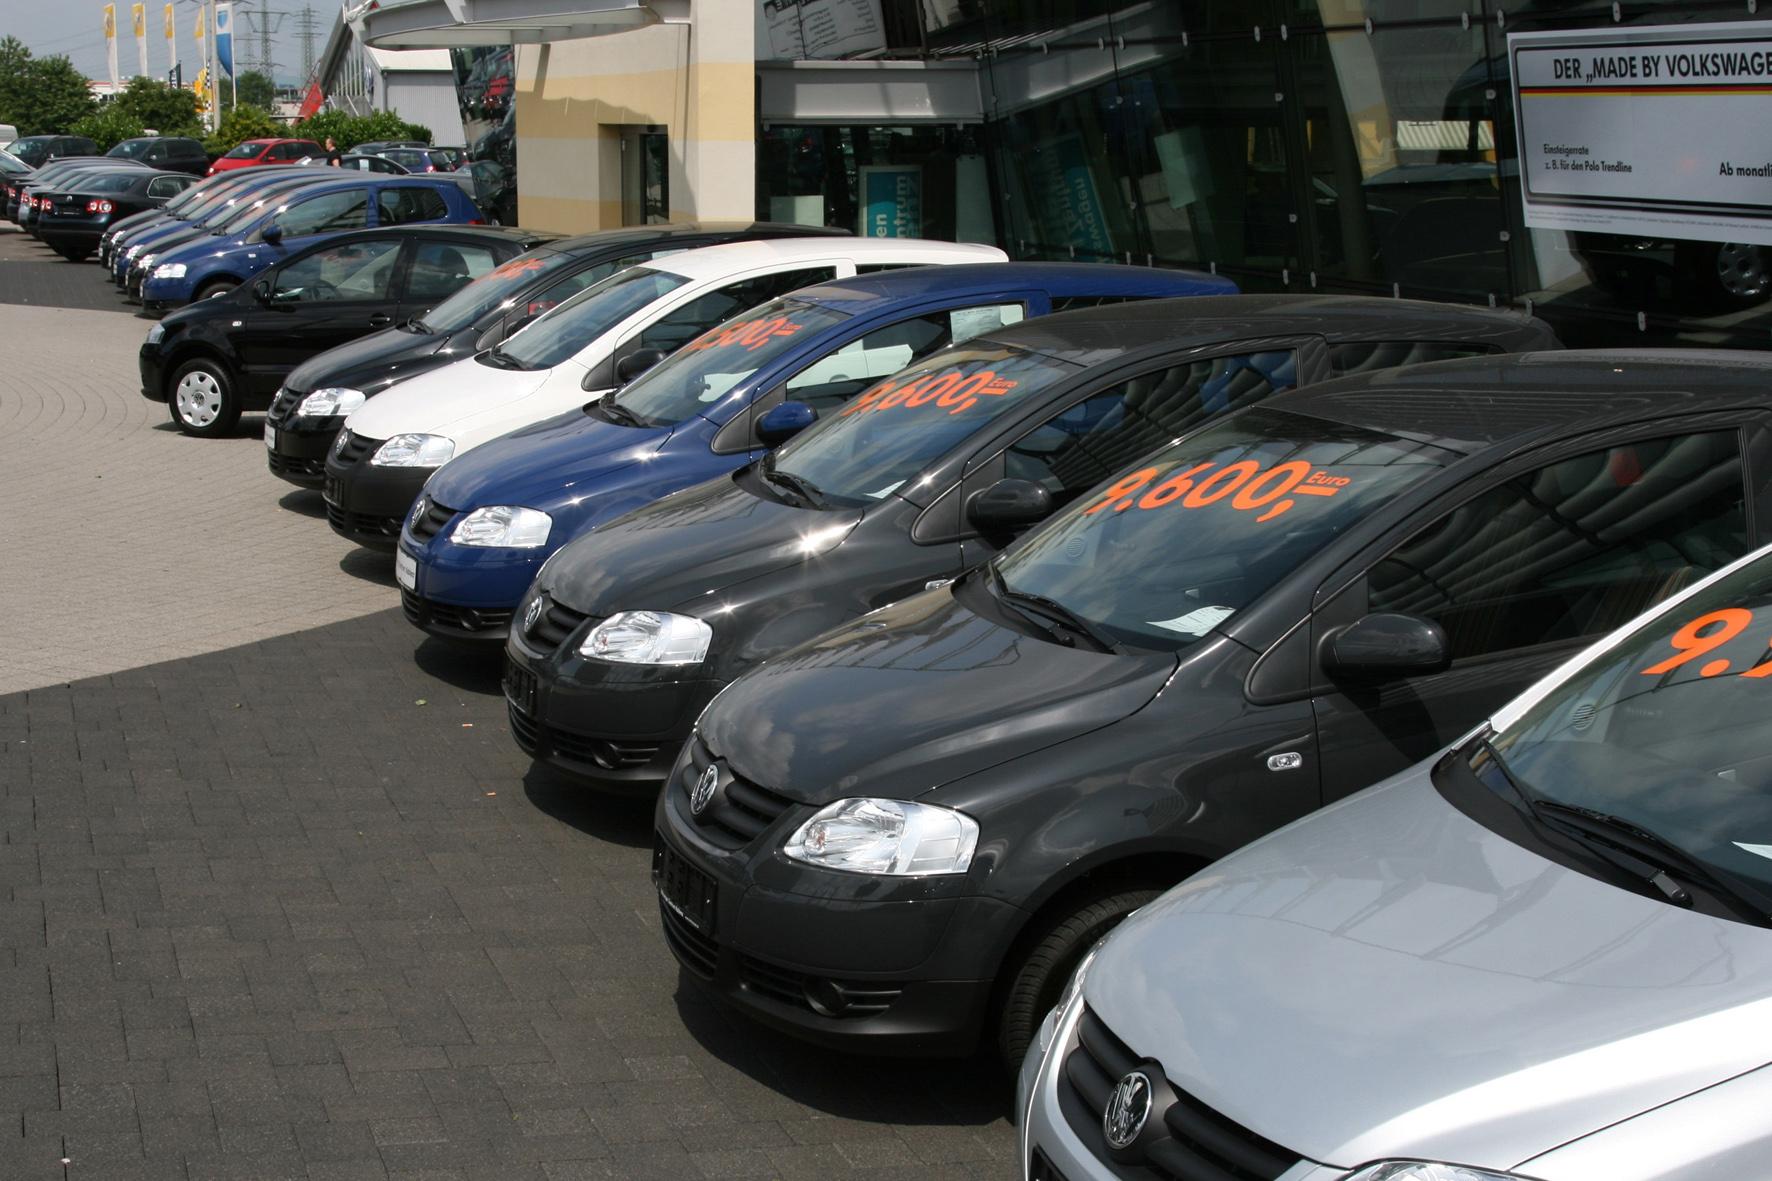 Abmahnungen: Autohäuser beklagen Millionen-Schaden